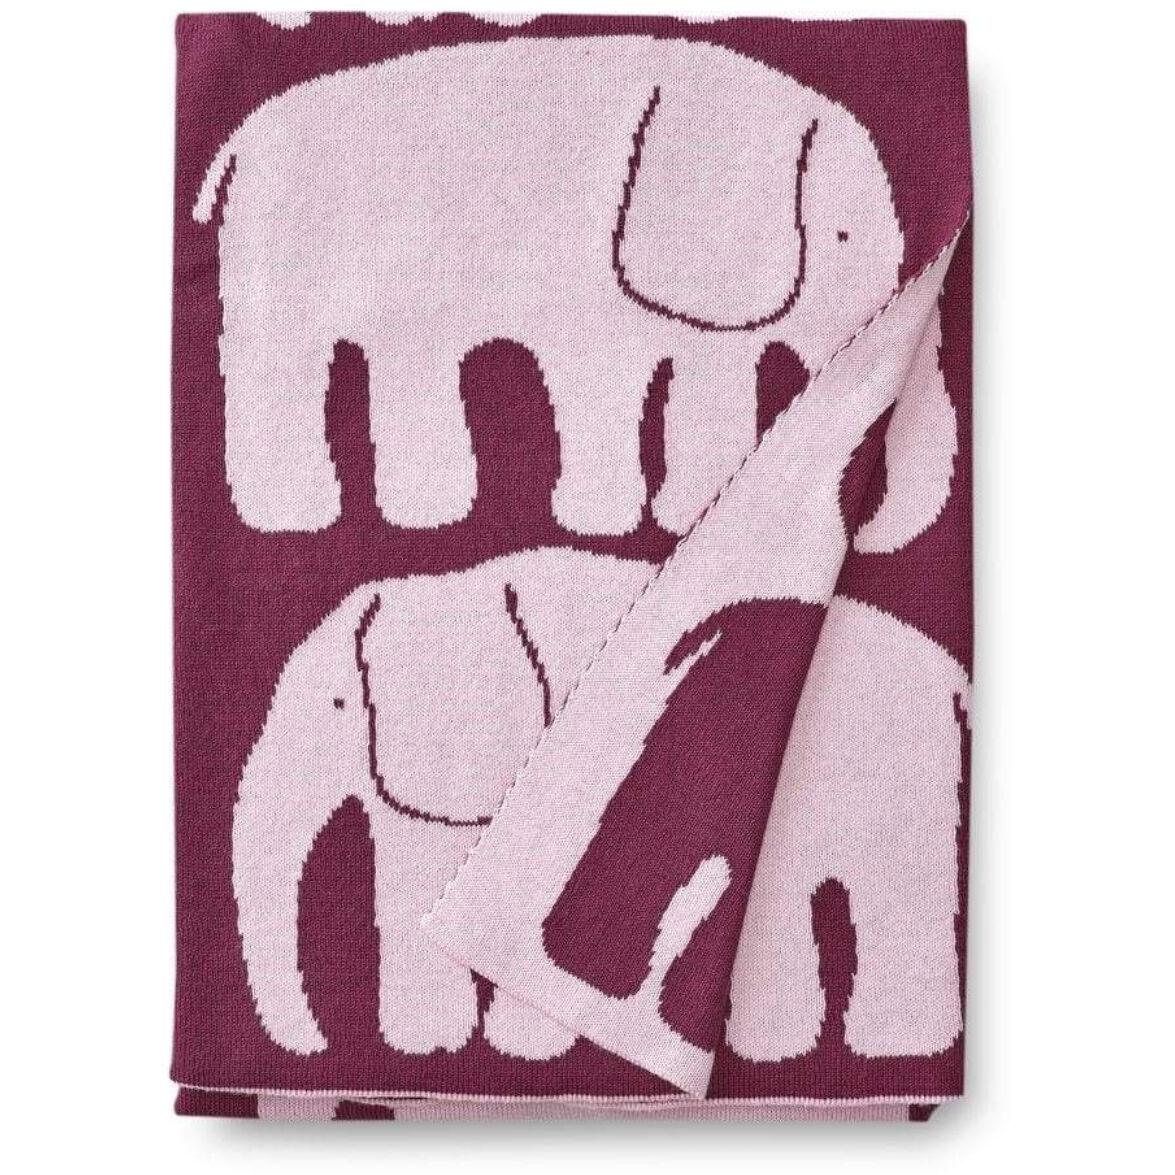 Finlayson Elefantti Baby Blanket 80x100 cm, Burgundy/Pink